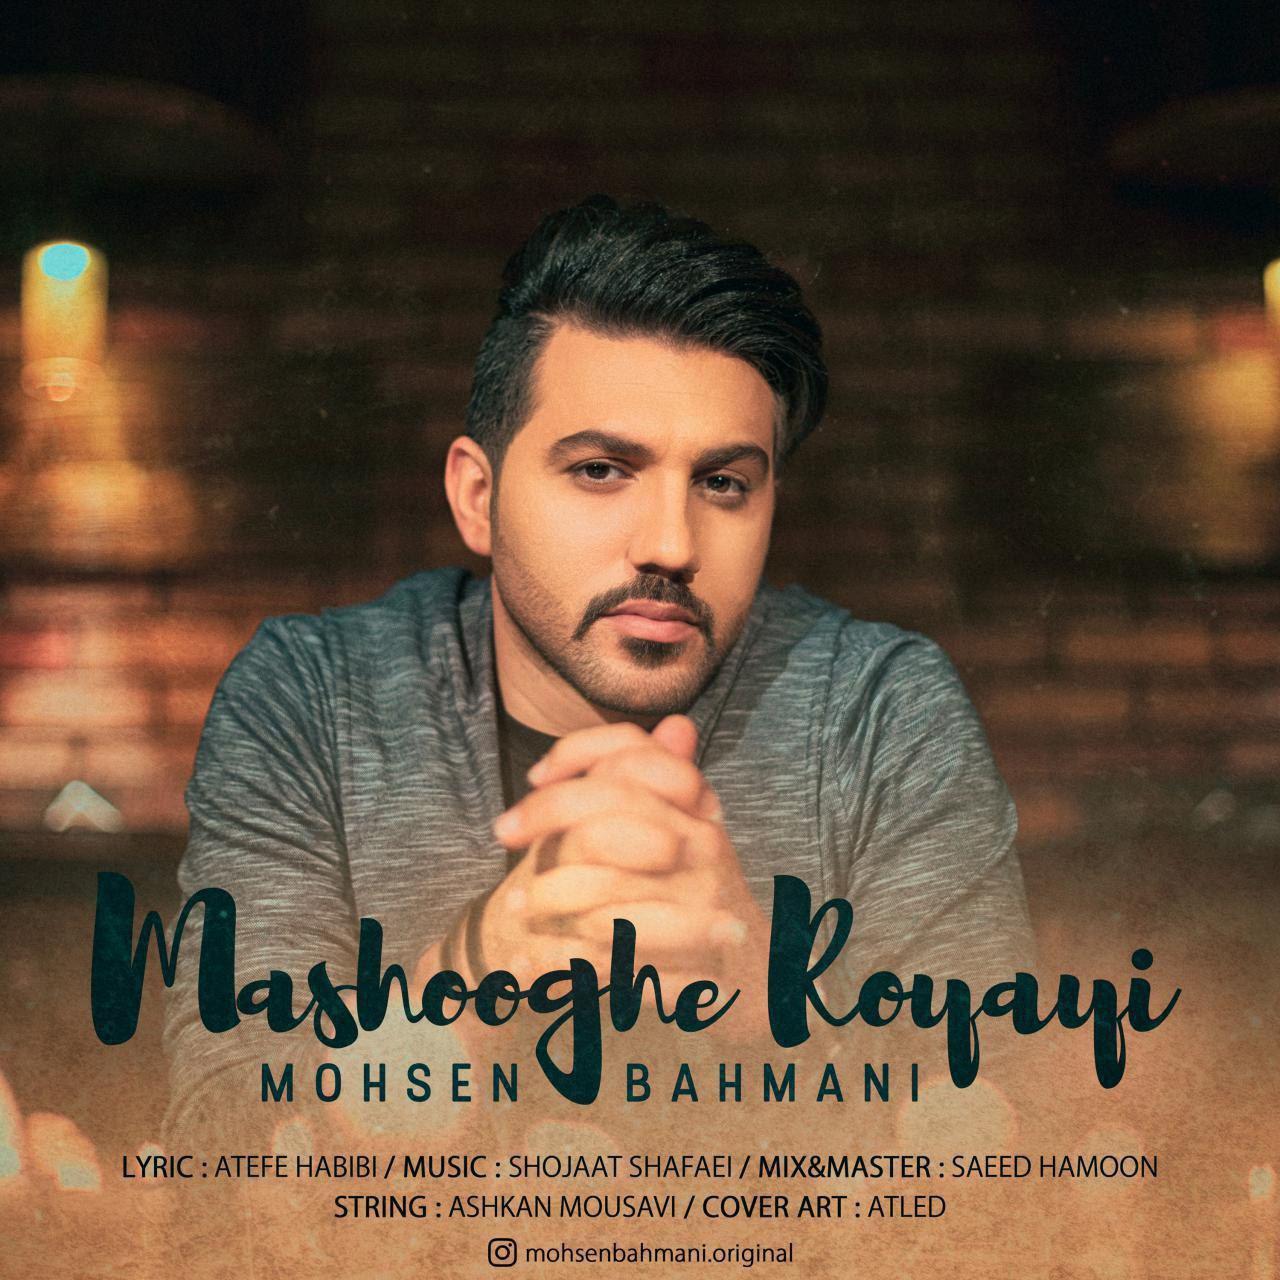 دانلود آهنگ جدید محسن بهمنی بنام معشوقه رویایی